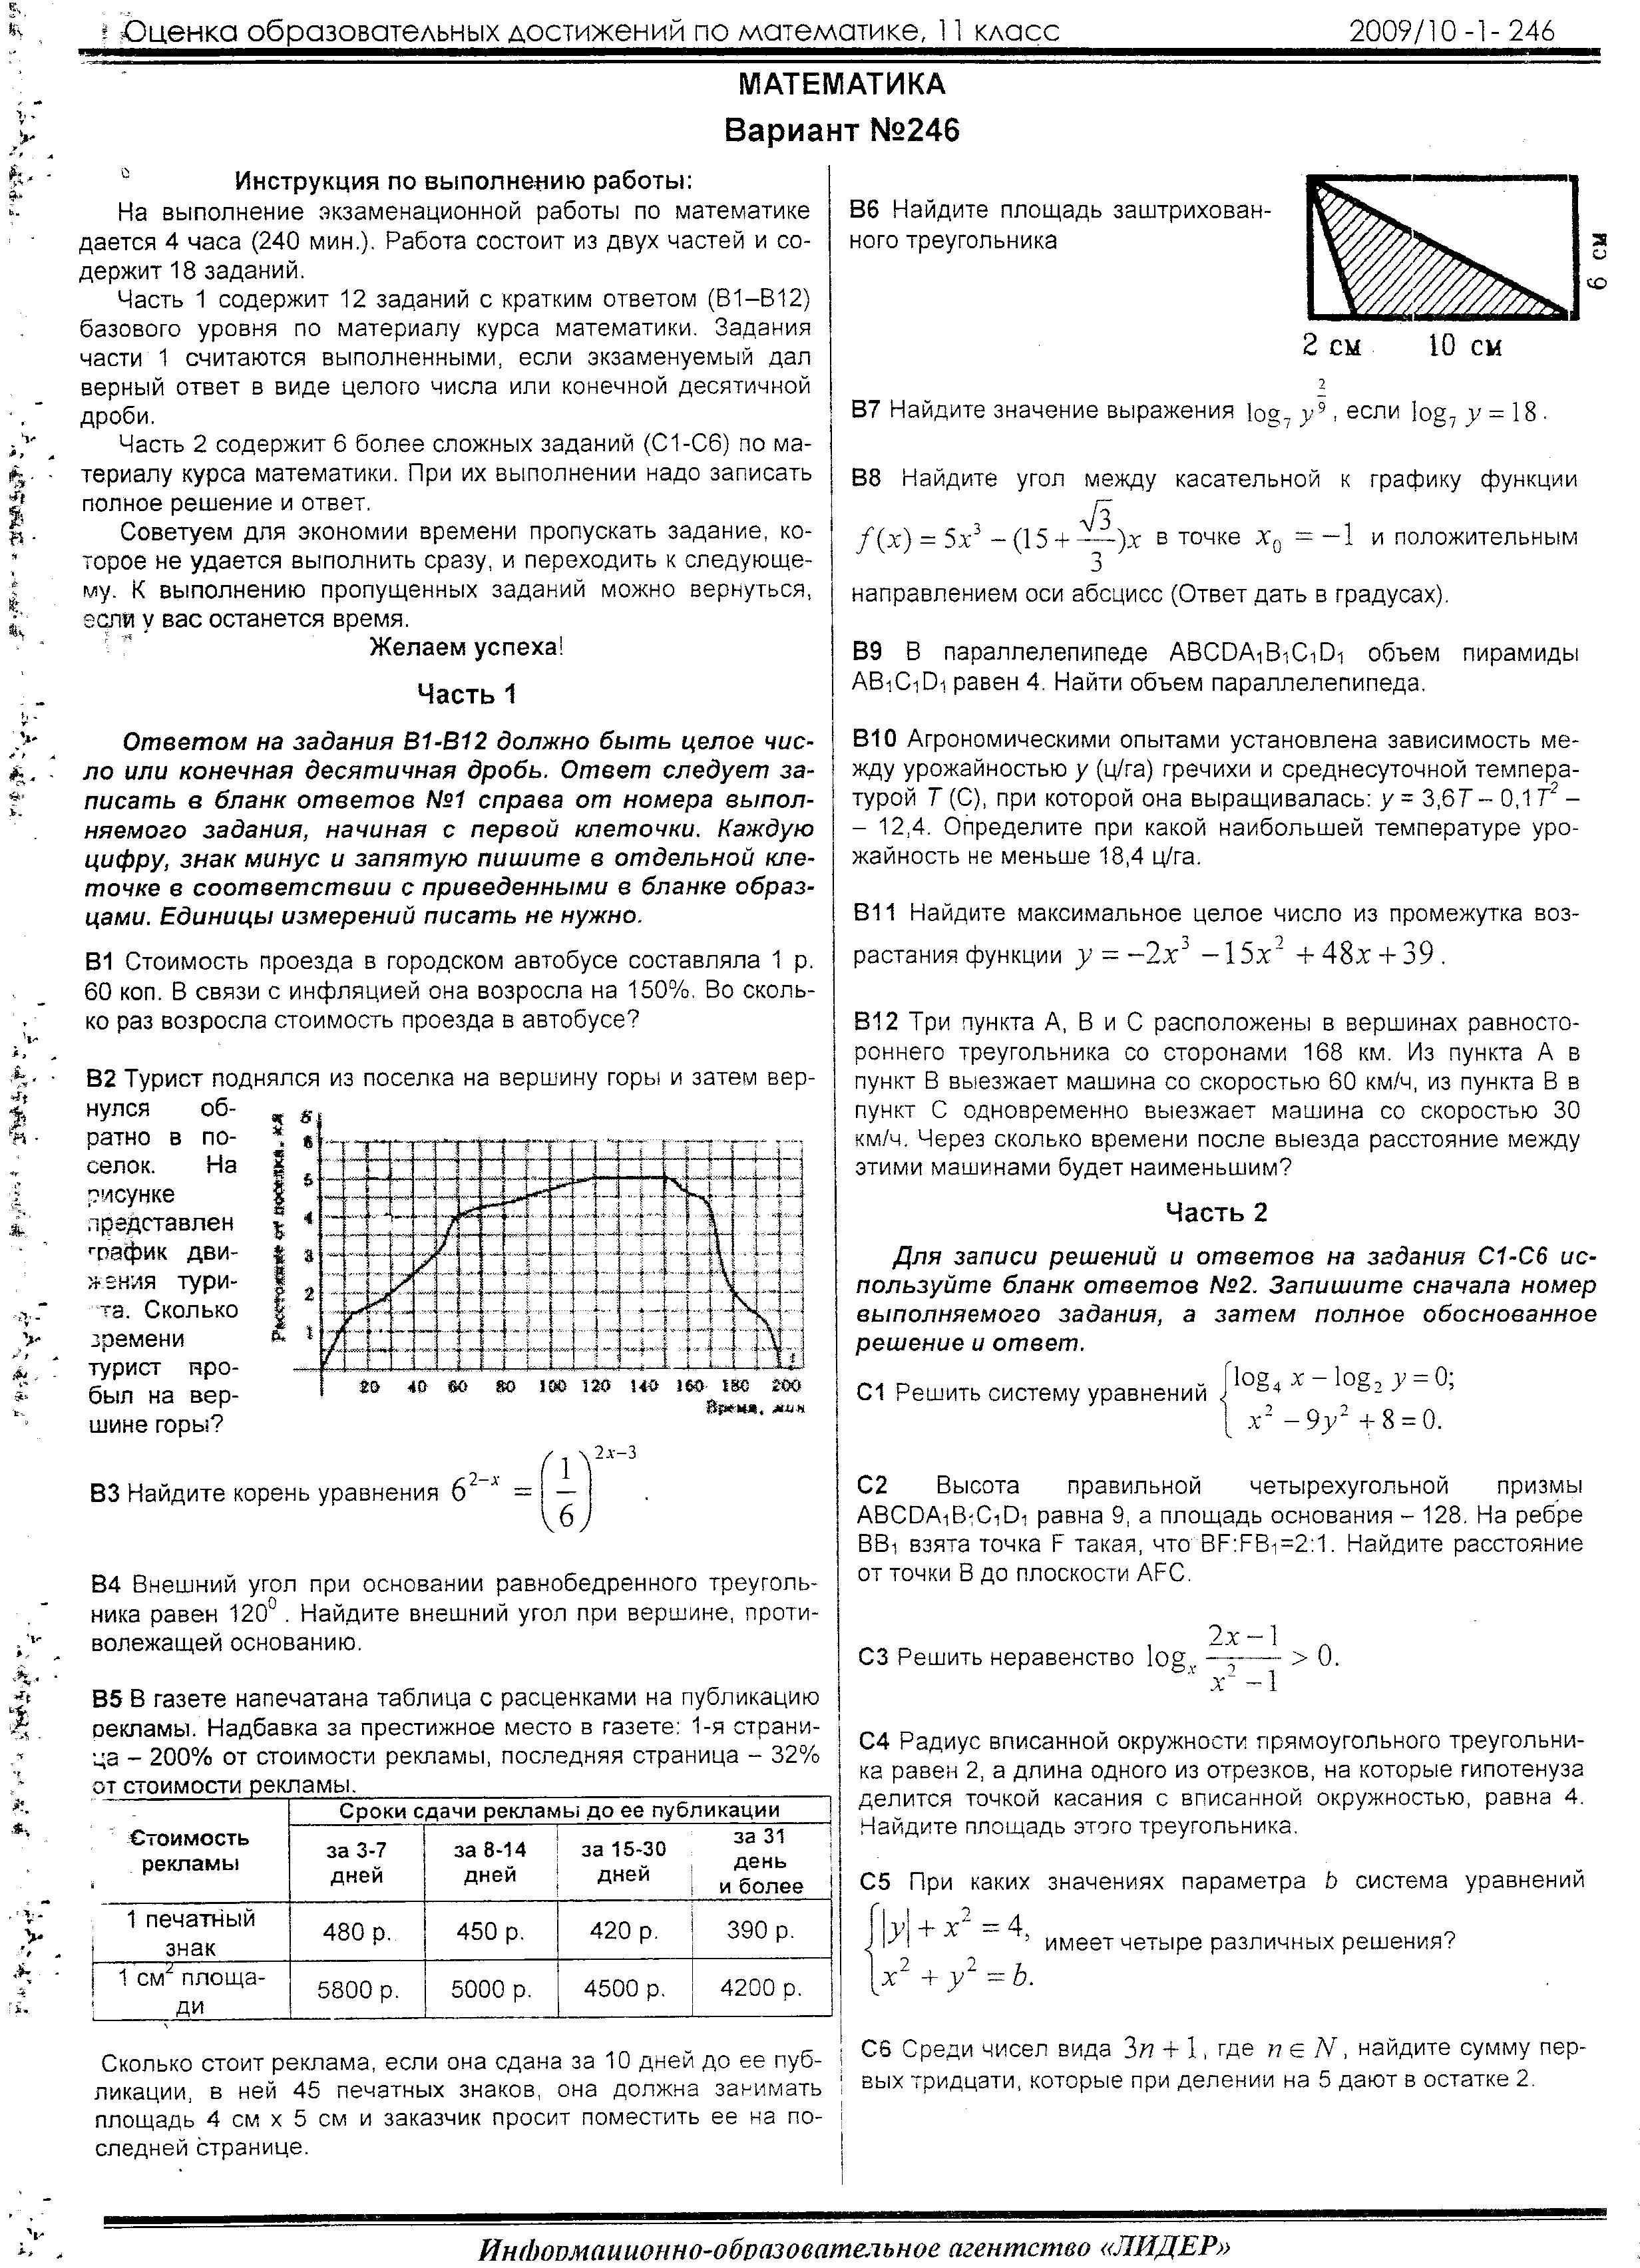 Ответы на работу 28 ноября 2018 по математике 10 класс